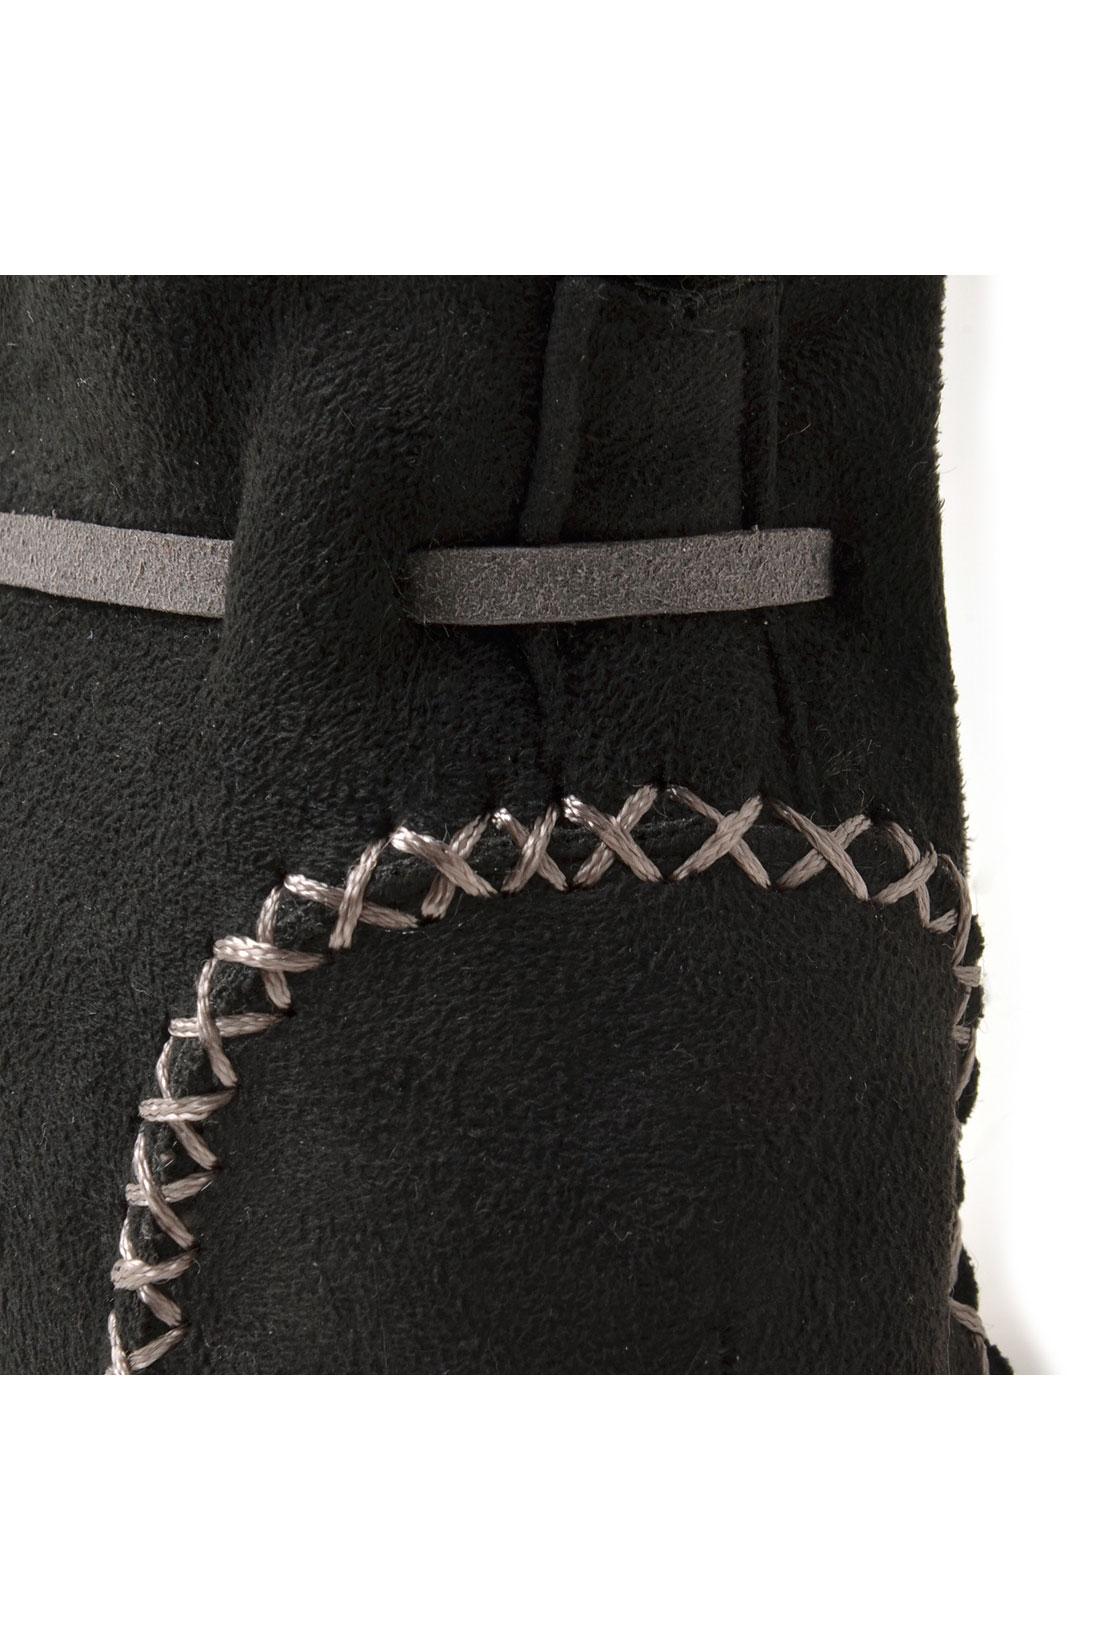 手縫いのステッチがキュートなポイント。